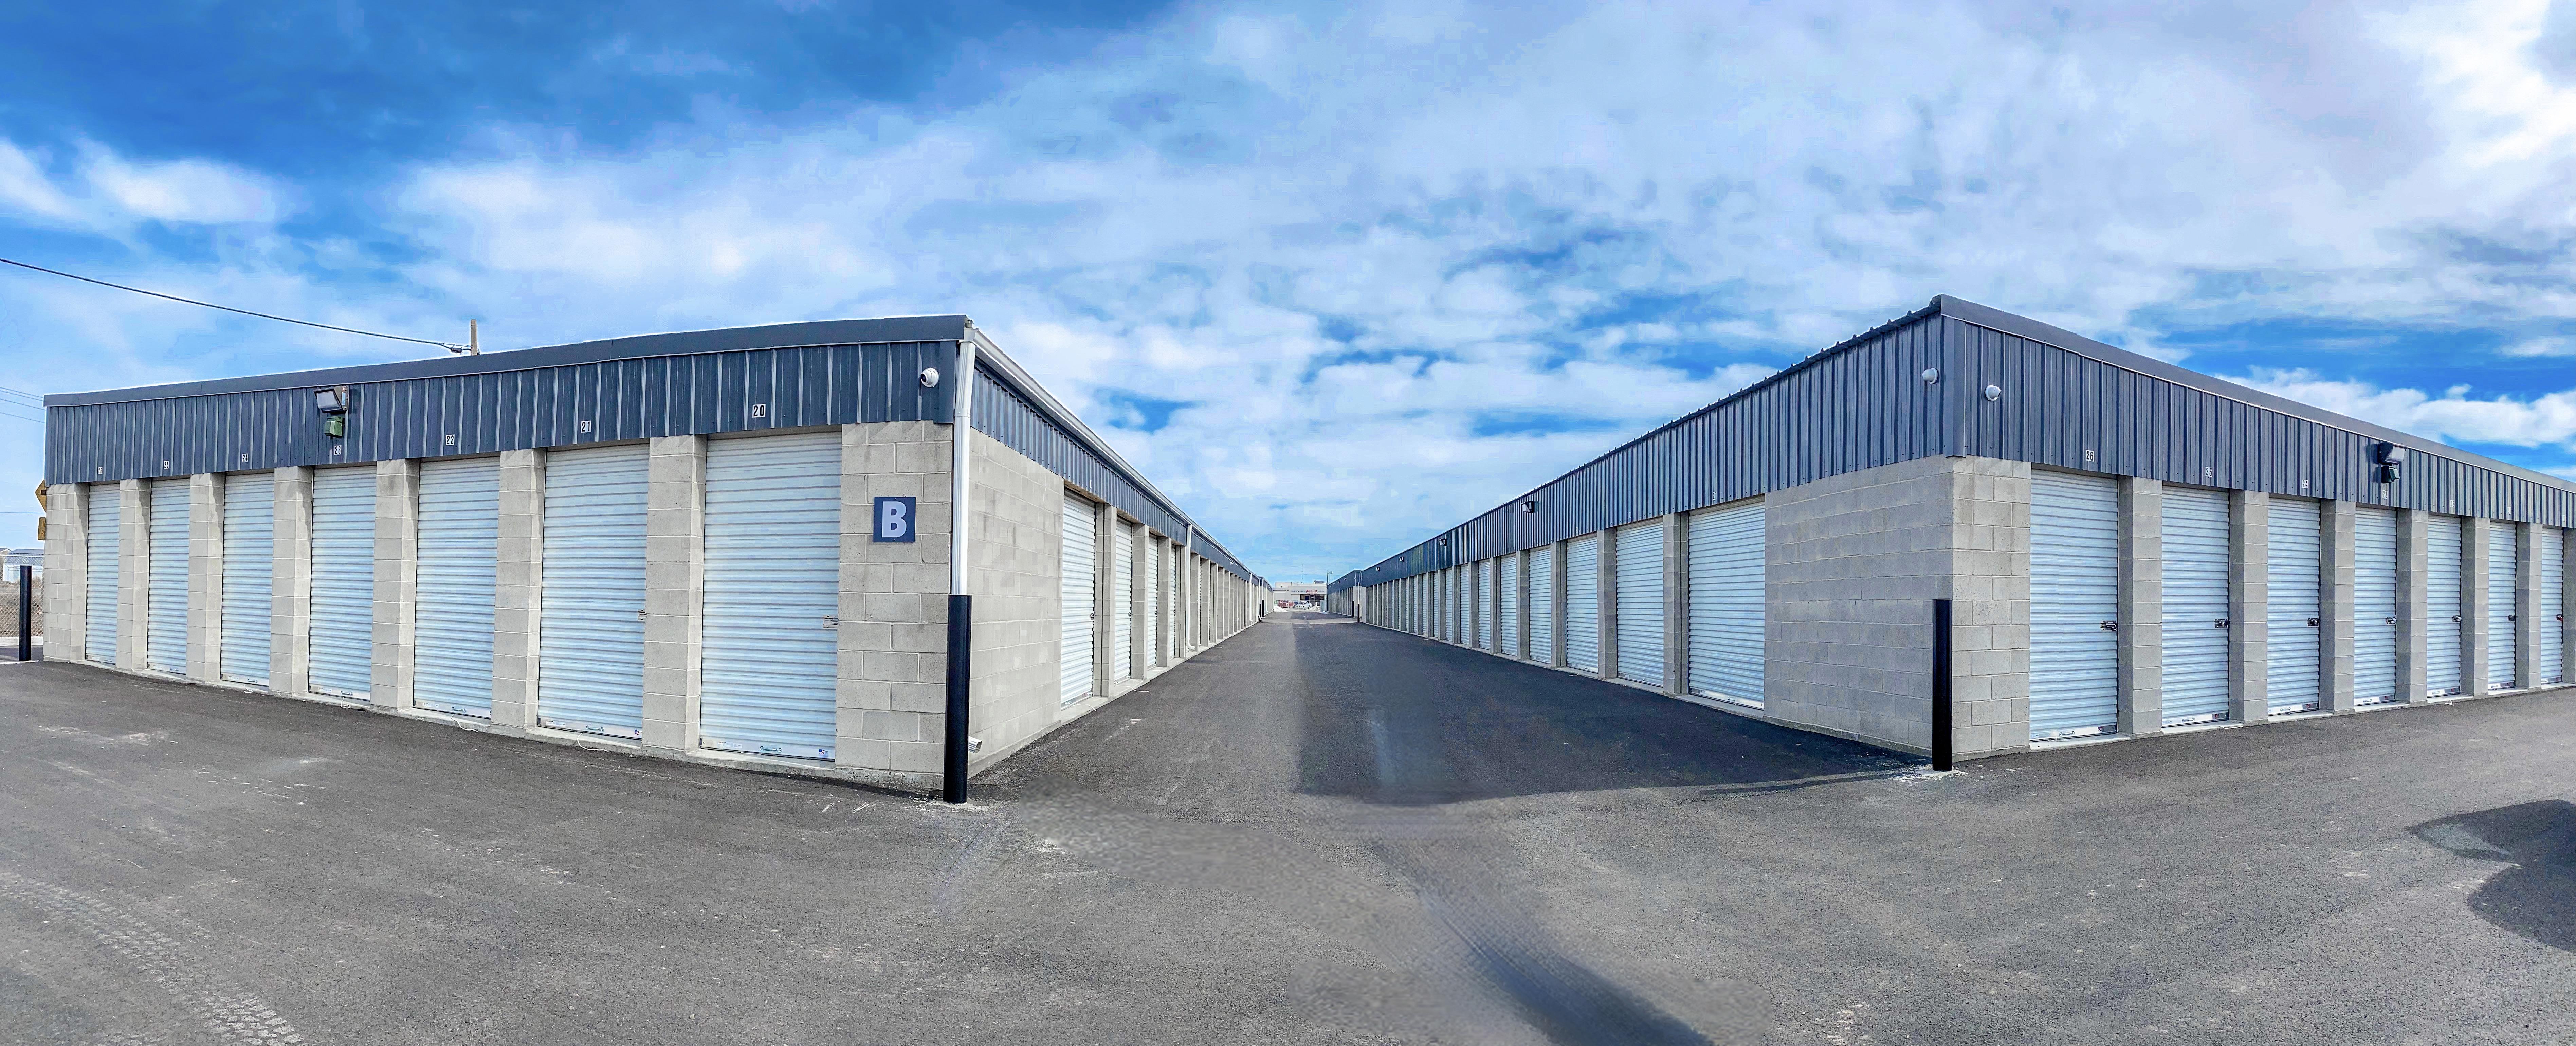 Driveway between units